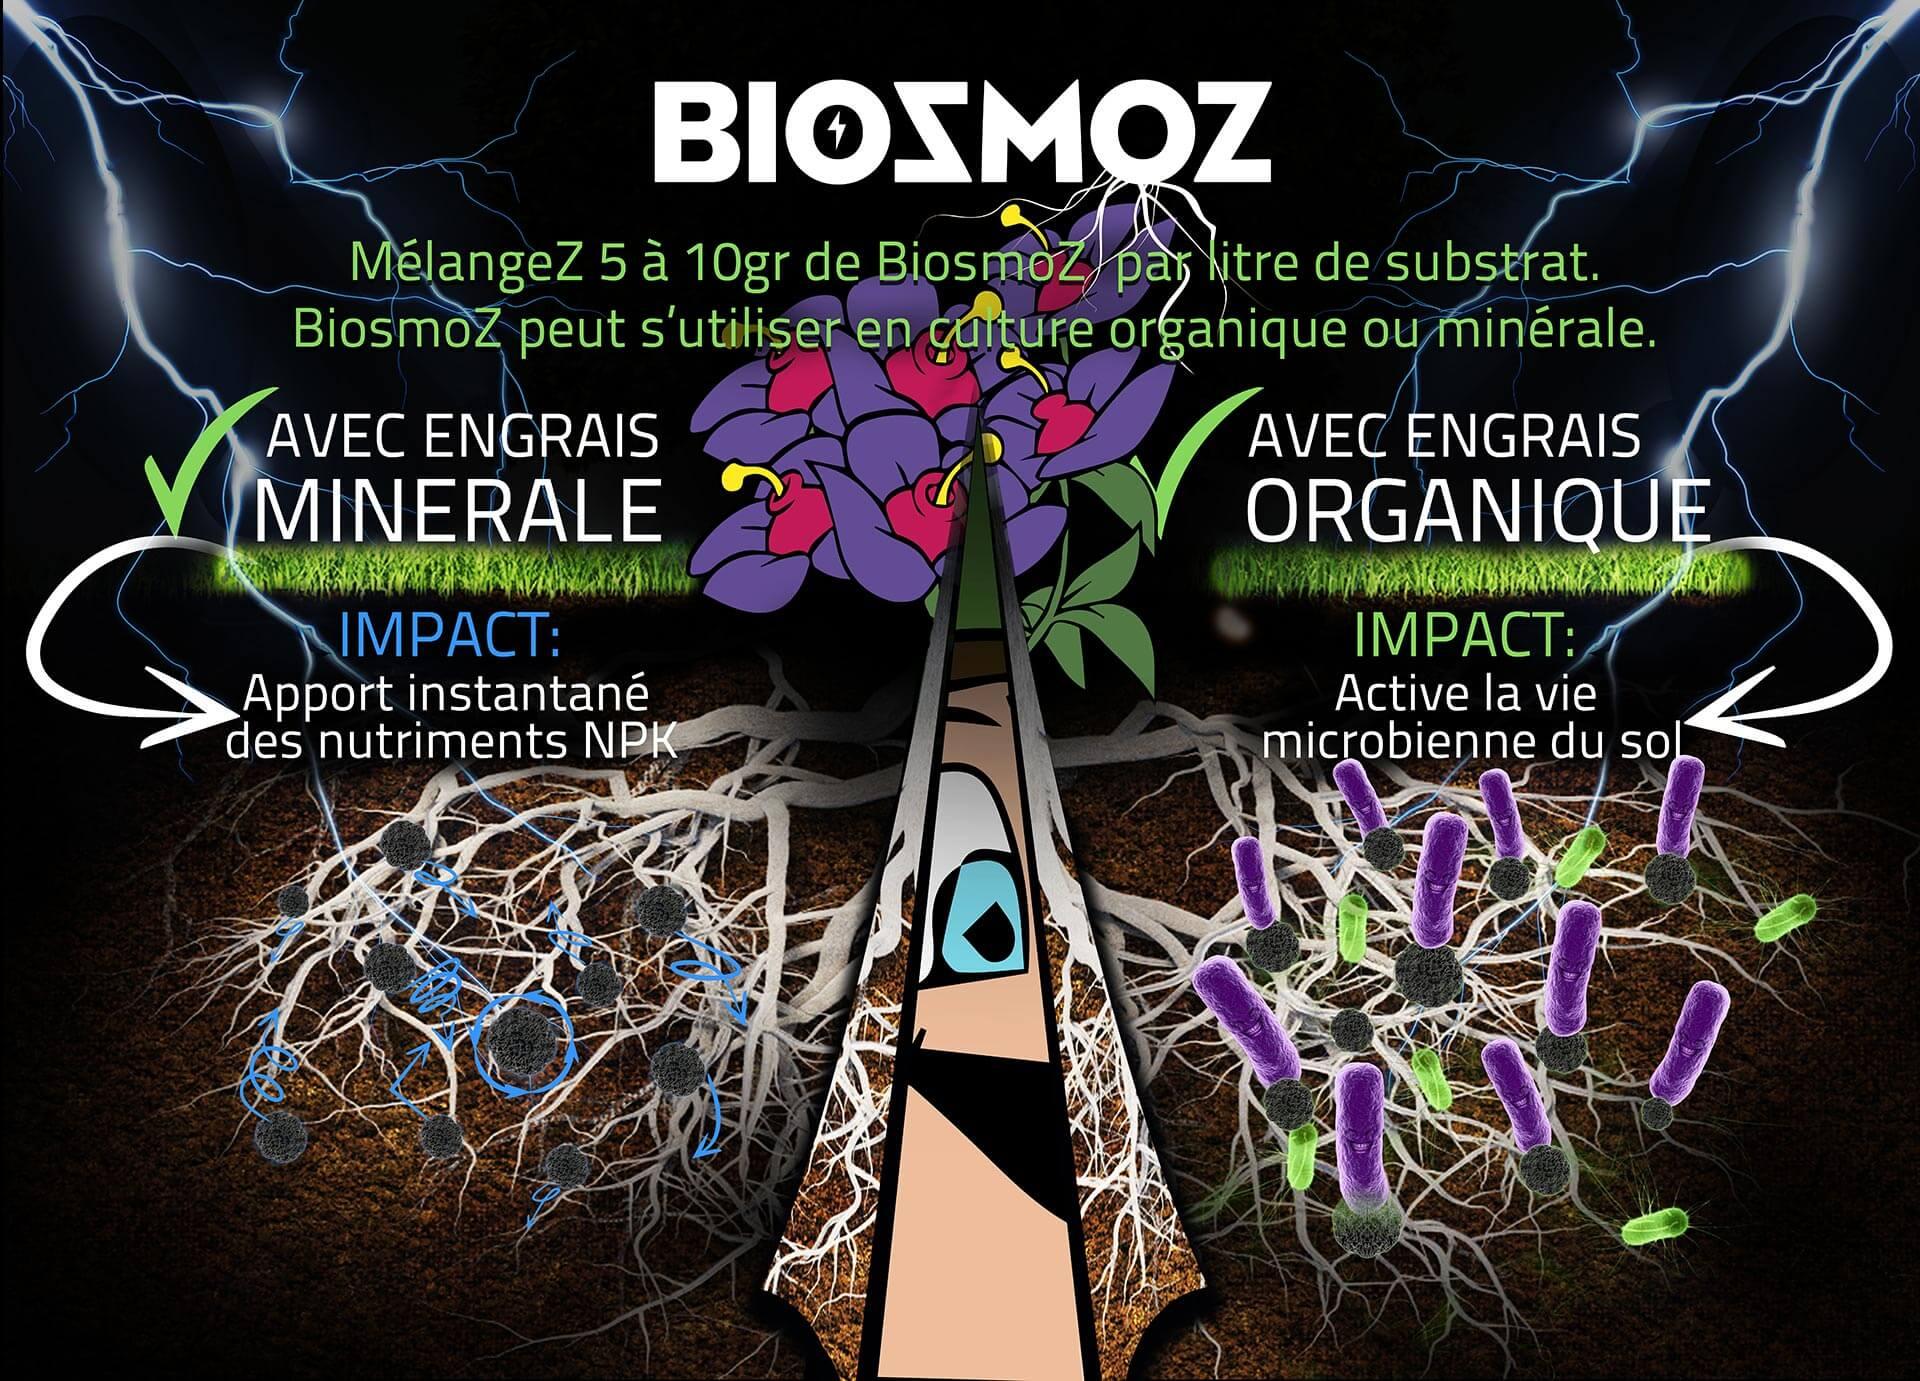 Explication de la gamme 100% naturelle BiosmoZ